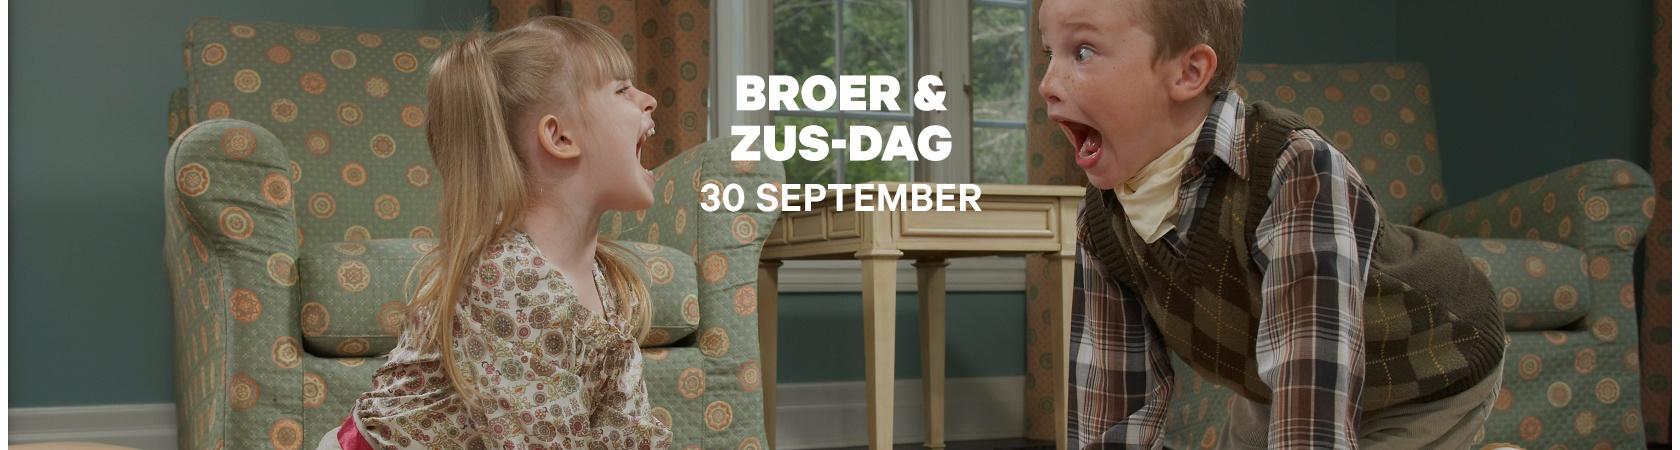 Fonkelnieuw Broer en Zus-dag | Groupon NL-48